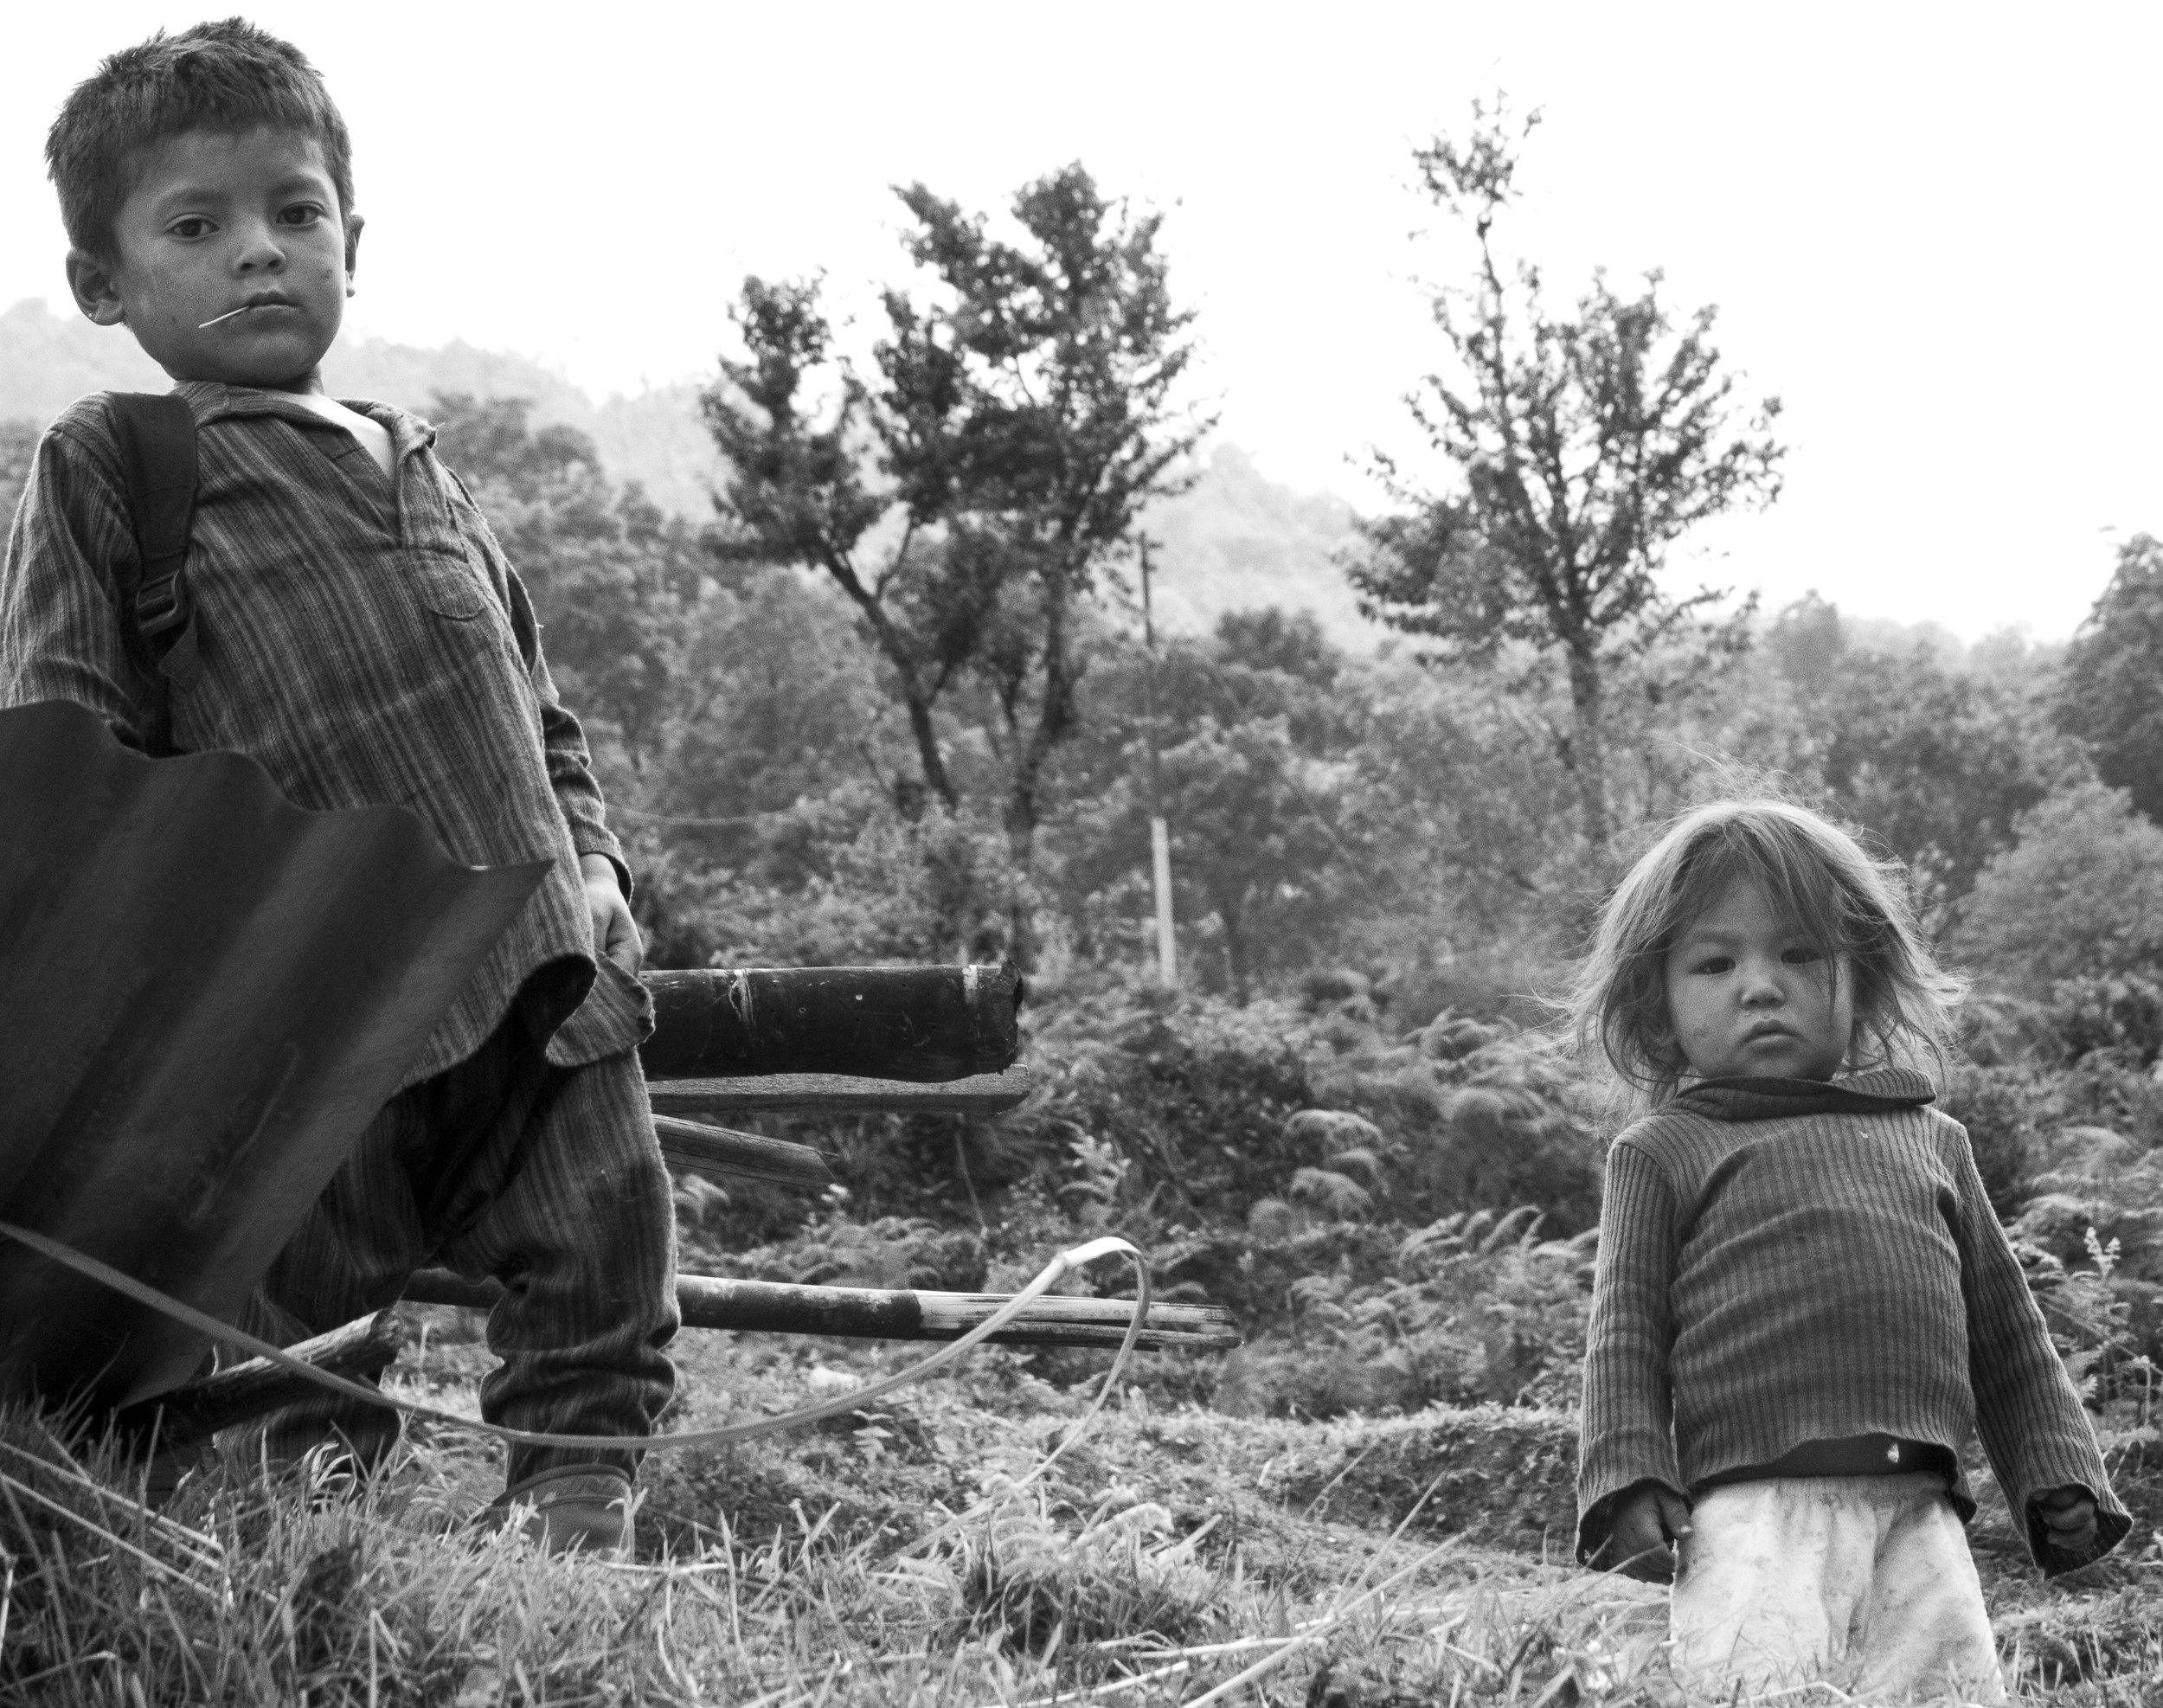 Children in the village of Kalinchowk in Nepal.